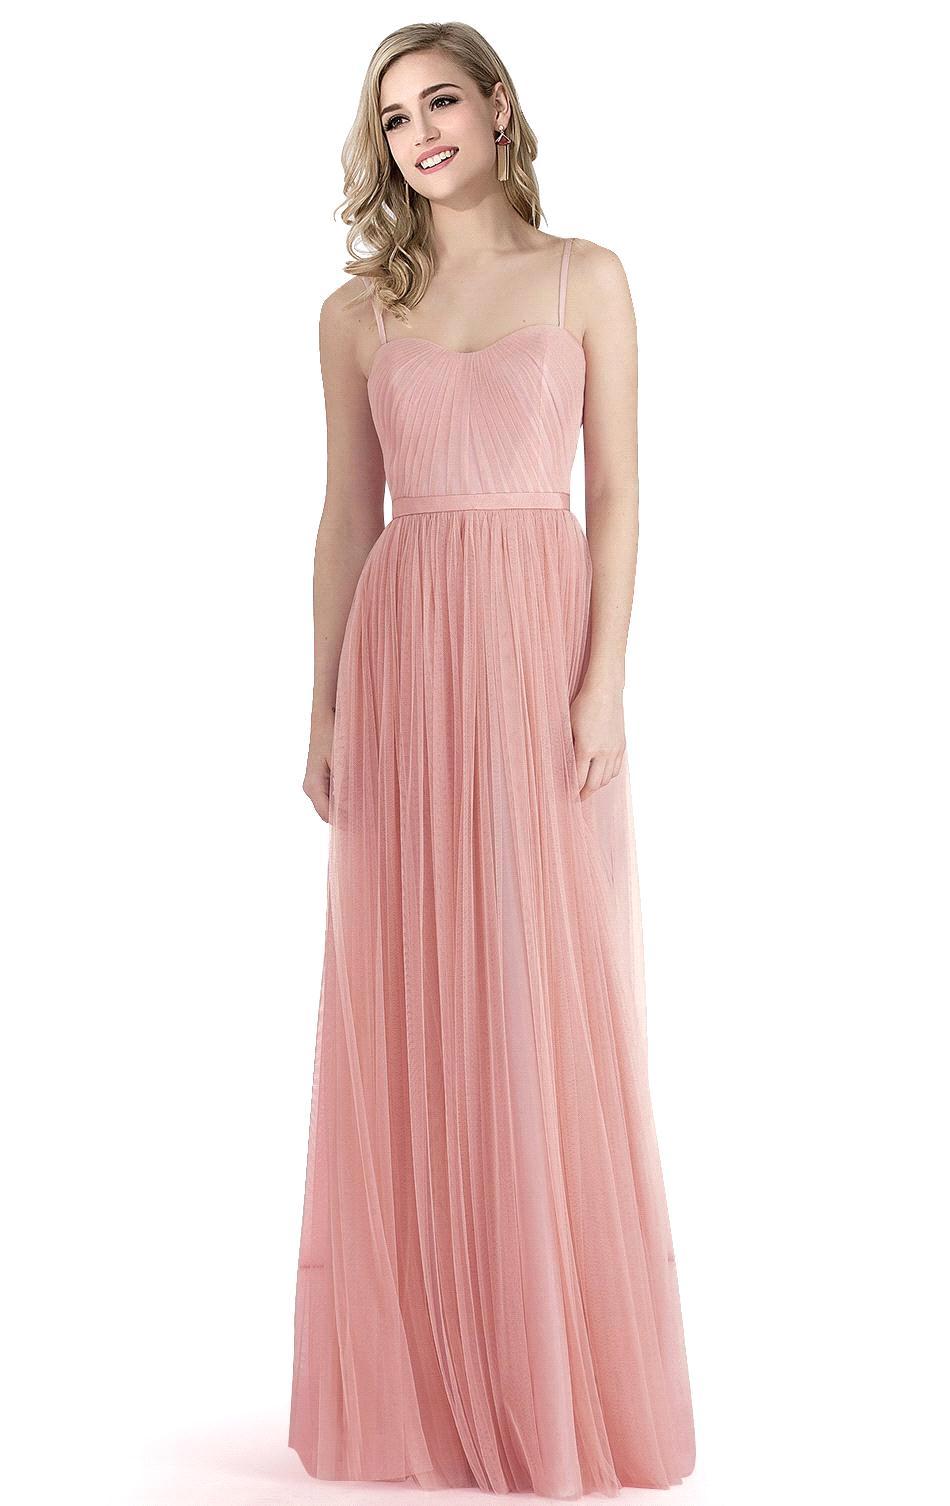 Online Get Cheap Bridesmaid Dresses under $50 -Aliexpress.com ...